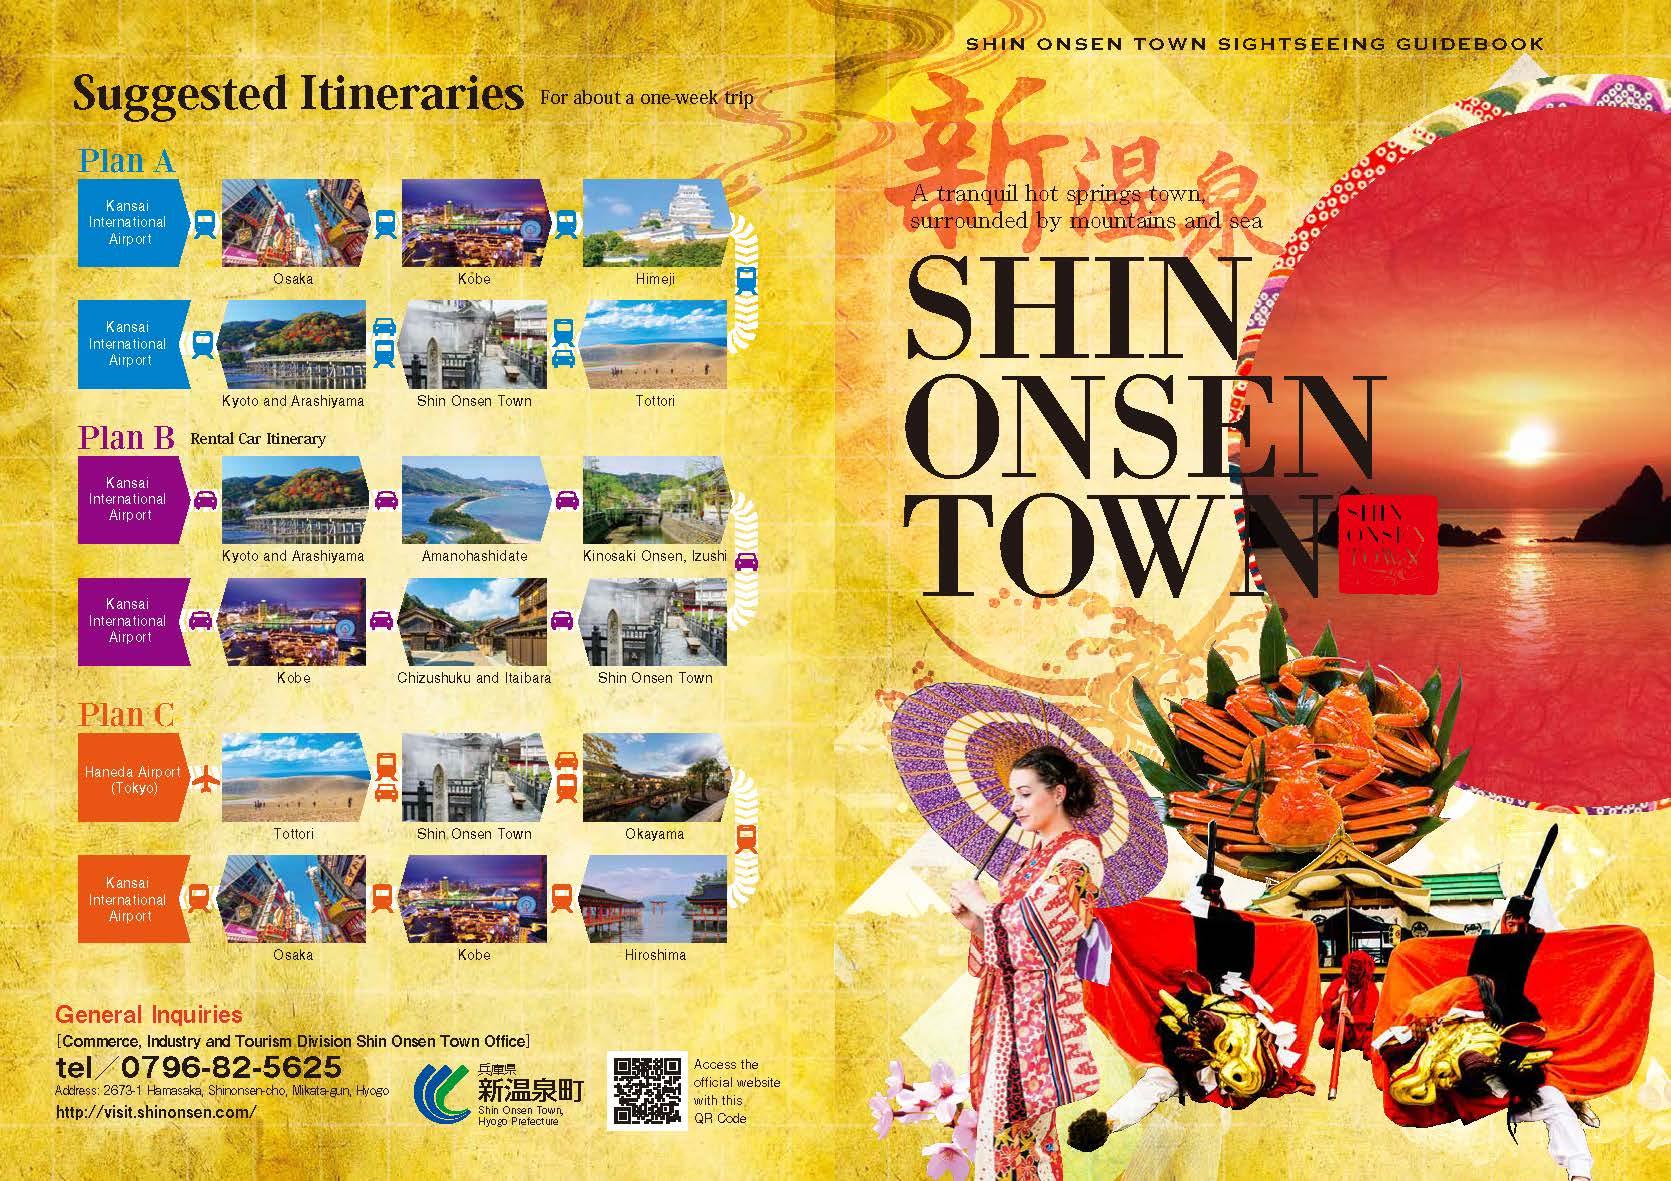 SHIN ONSEN TOWN SIGHTSEEING GUIDEBOOK01